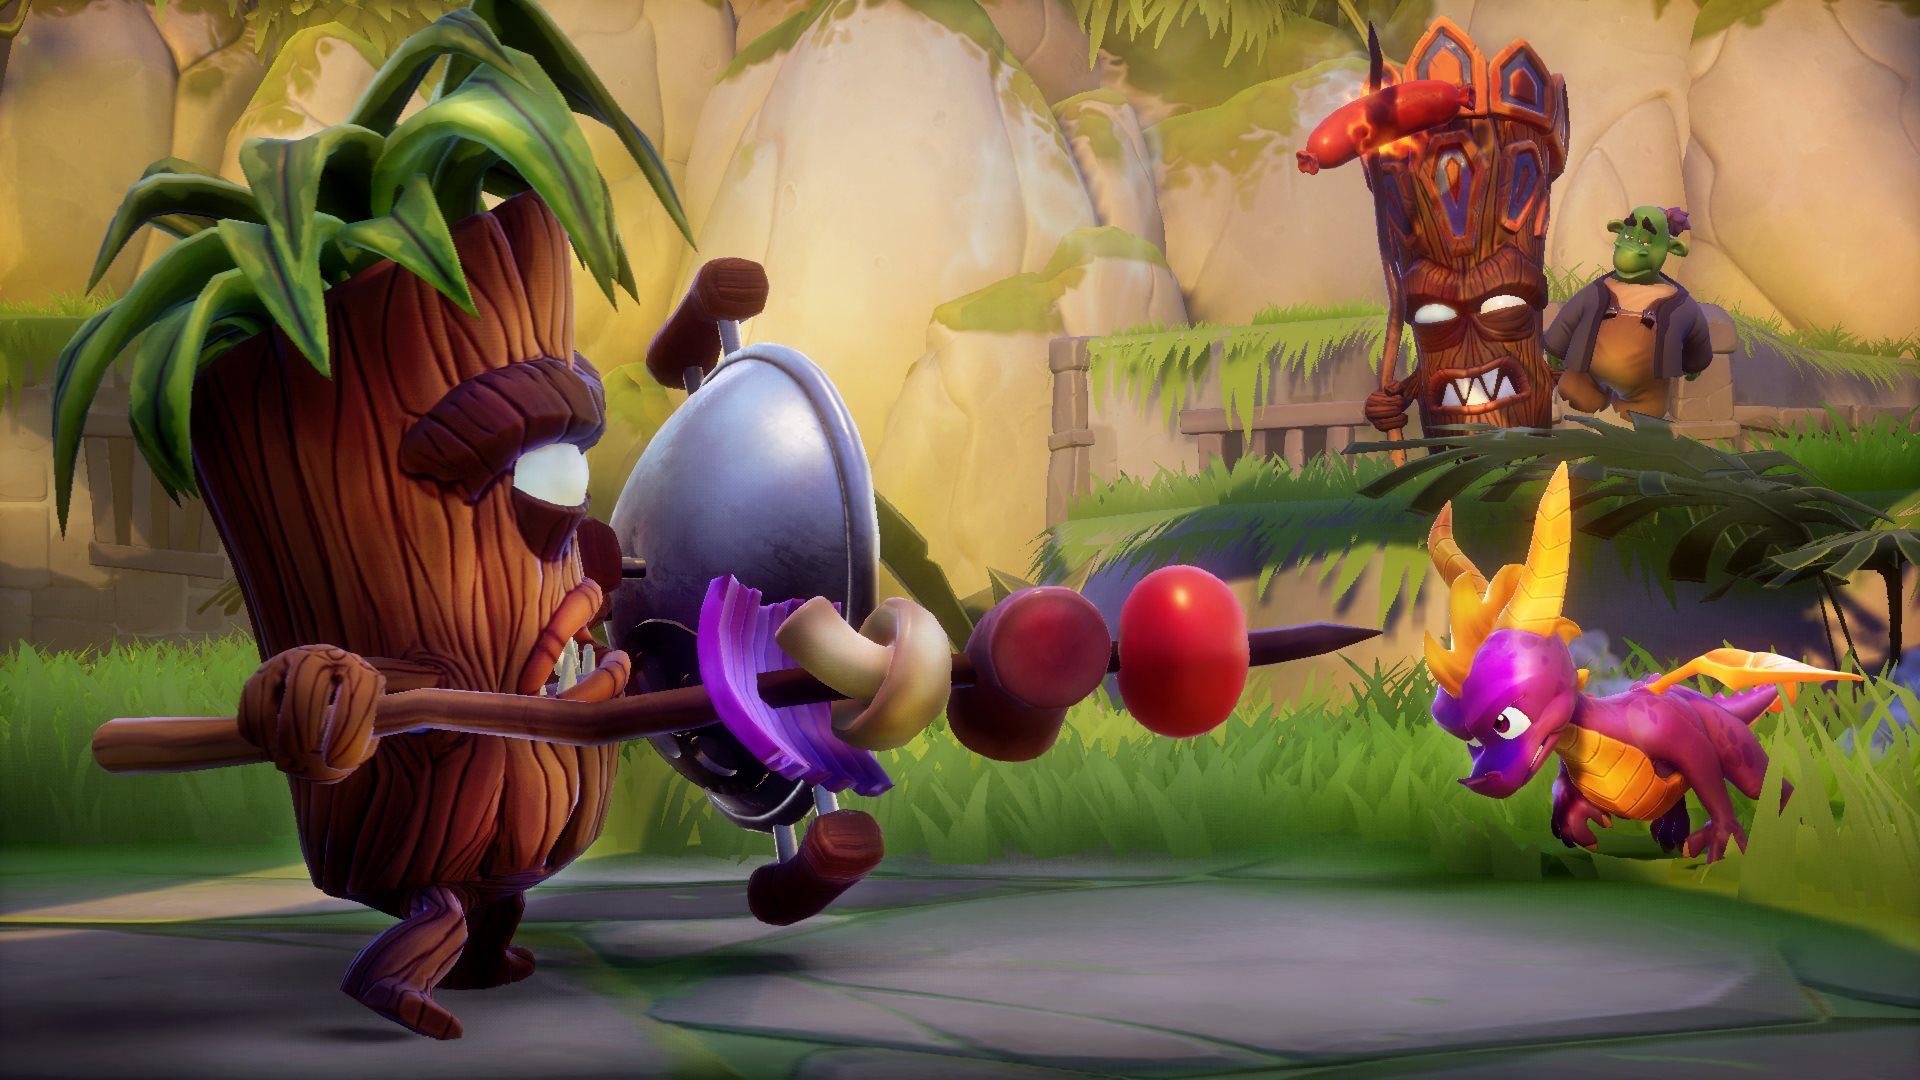 PREVIEW SCREENSHOT3 531532 - Spyro Reignited Trilogy – Der lila Drache ist zurück!